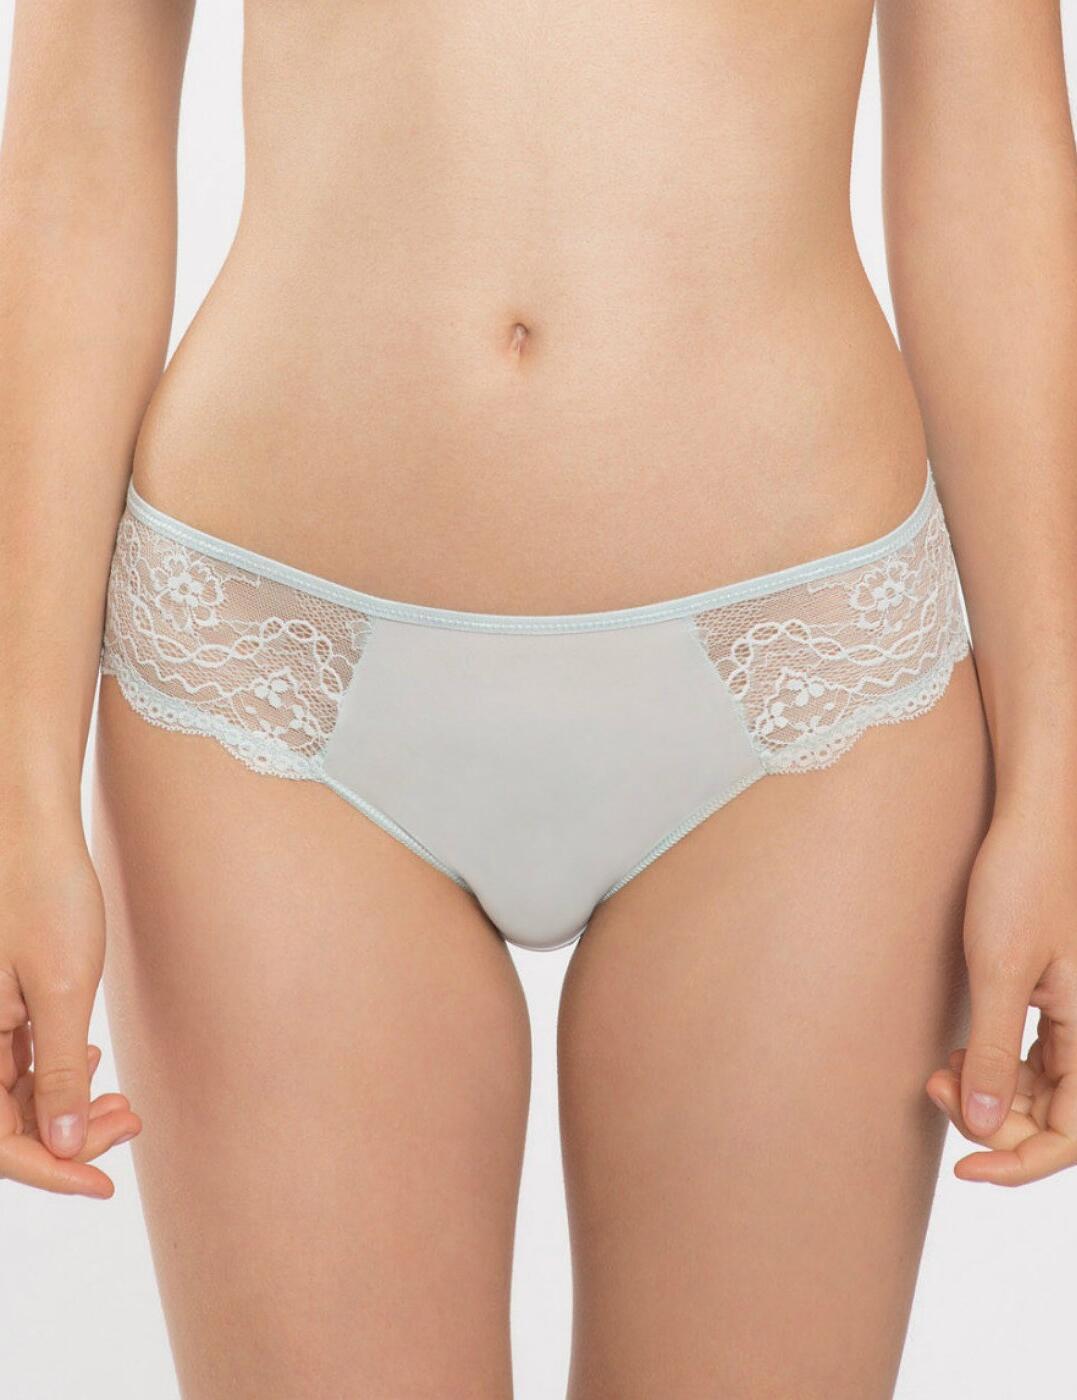 21963 Maison Lejaby Karma Bikini Style Brief - 21963 Almond Milk